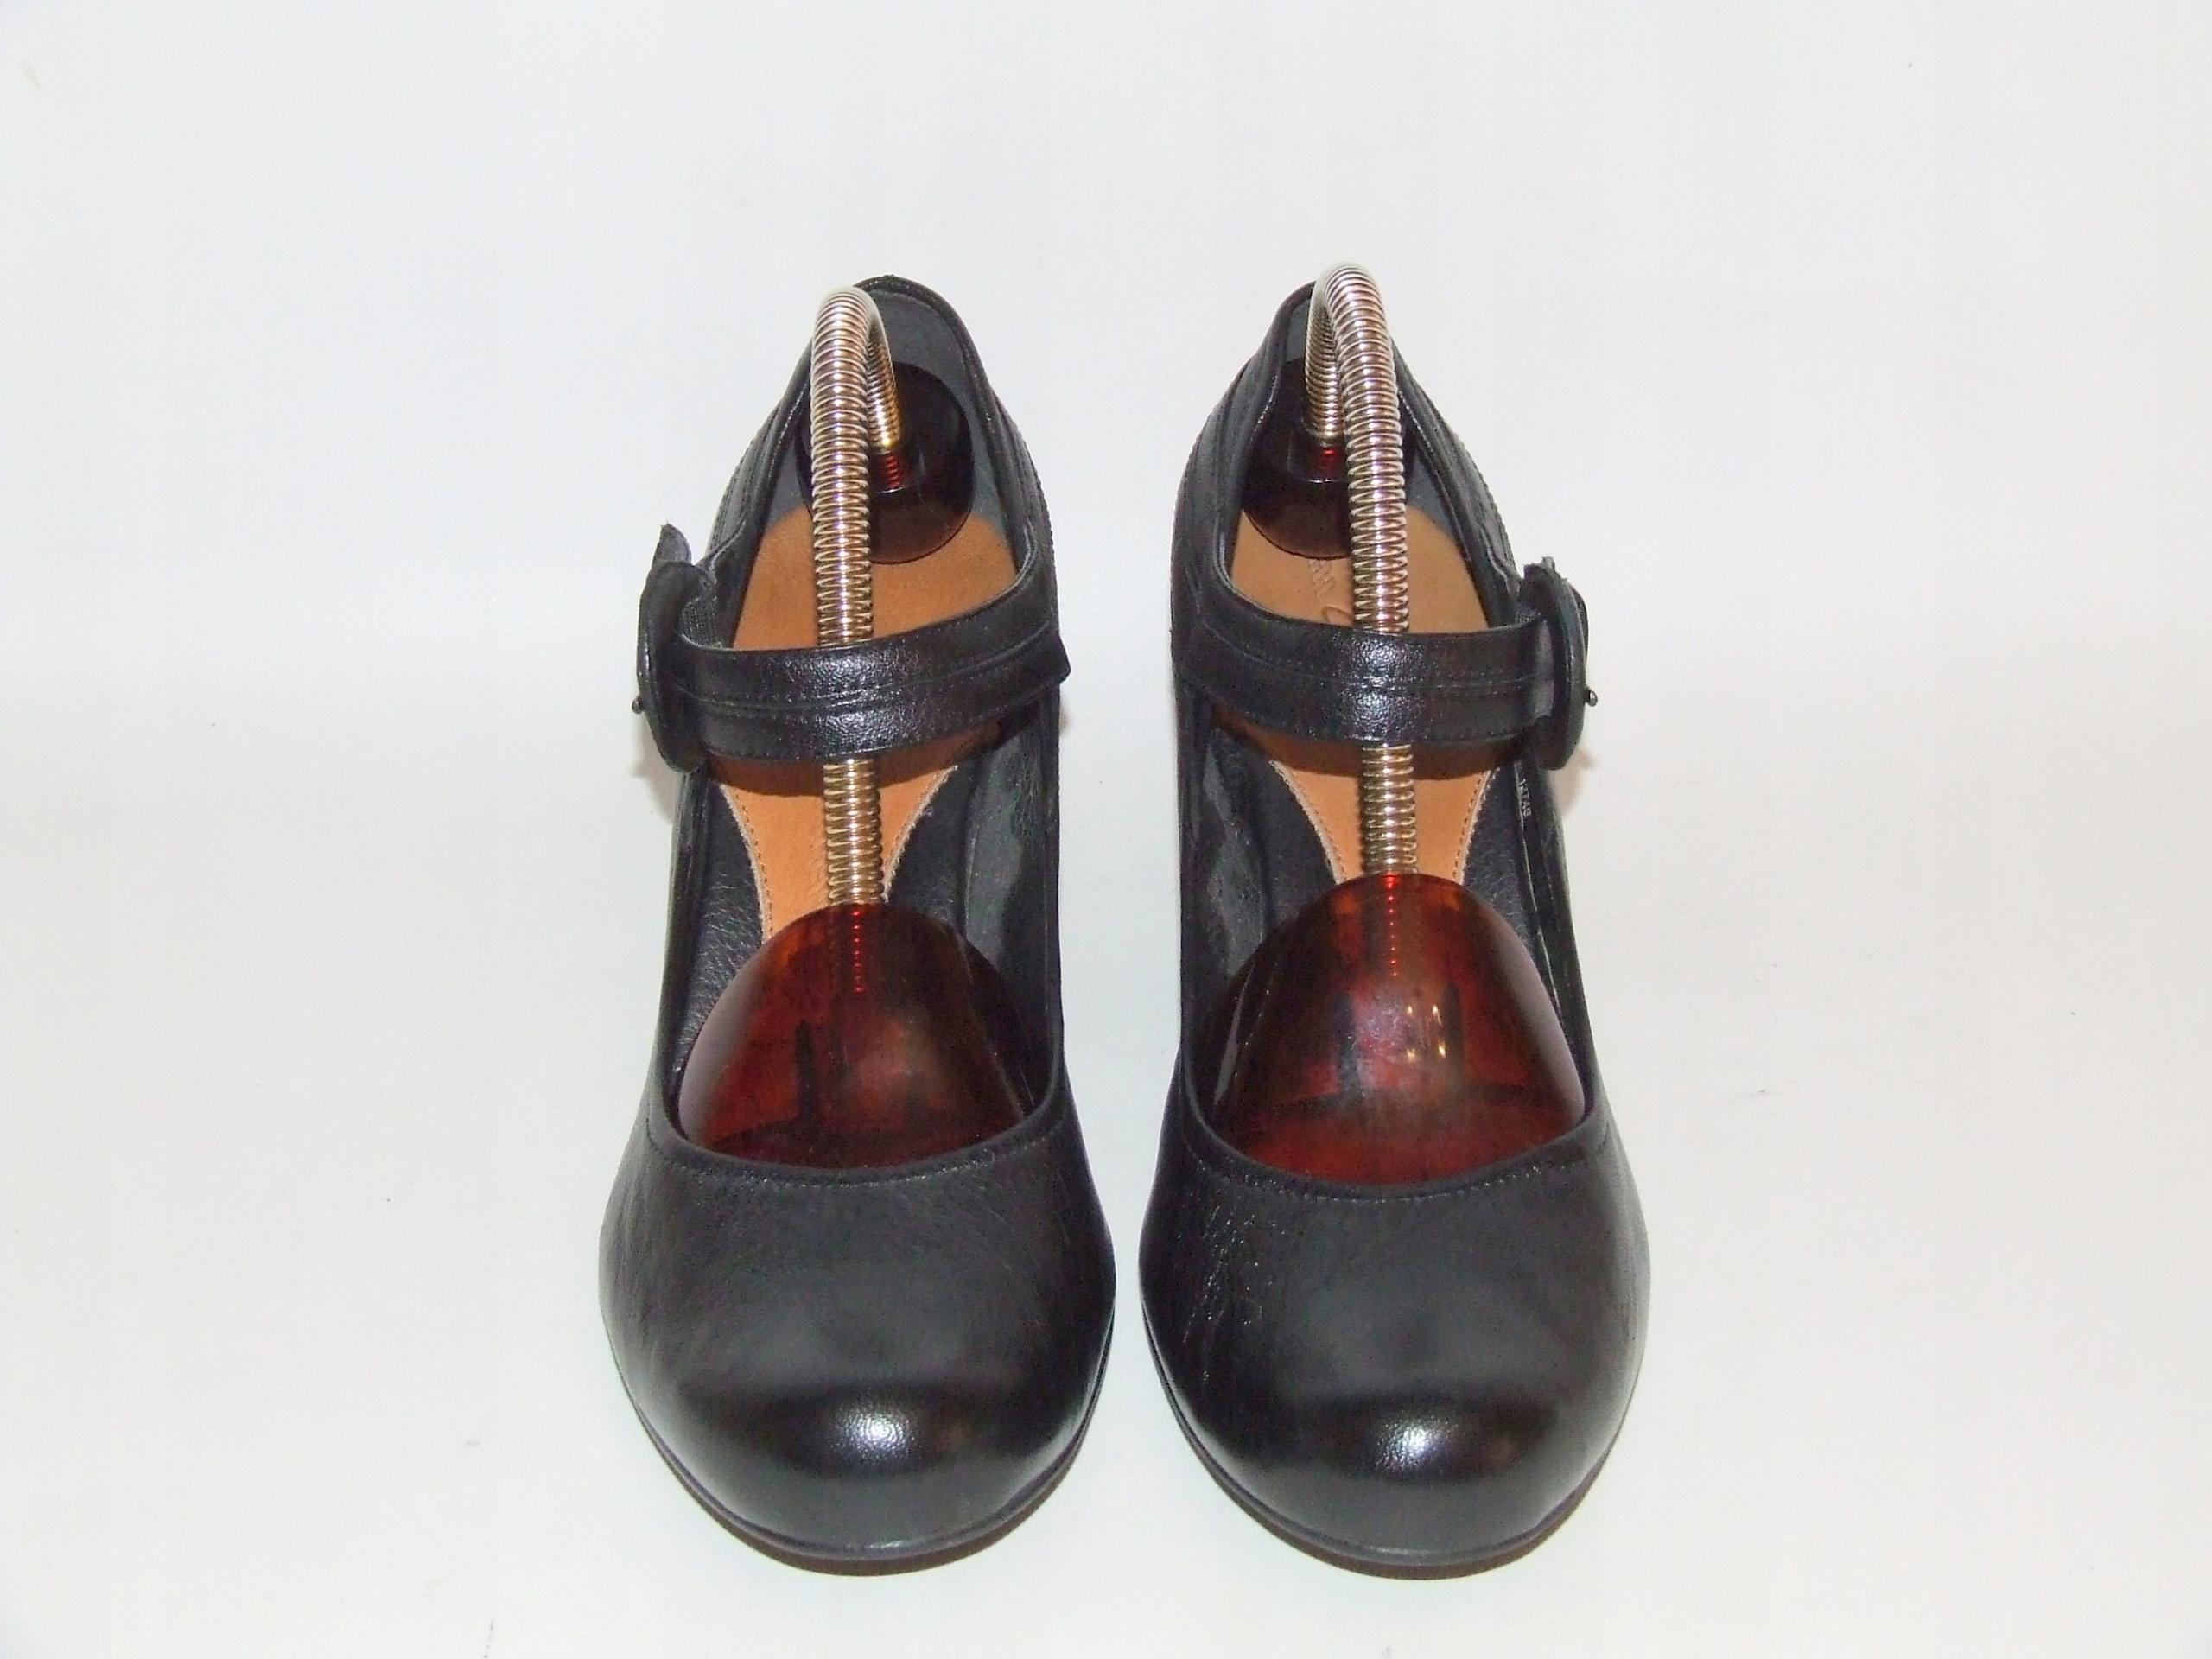 Buty ze skóry CLARKS r.37 dł.23,7 cm S.IDEALNY